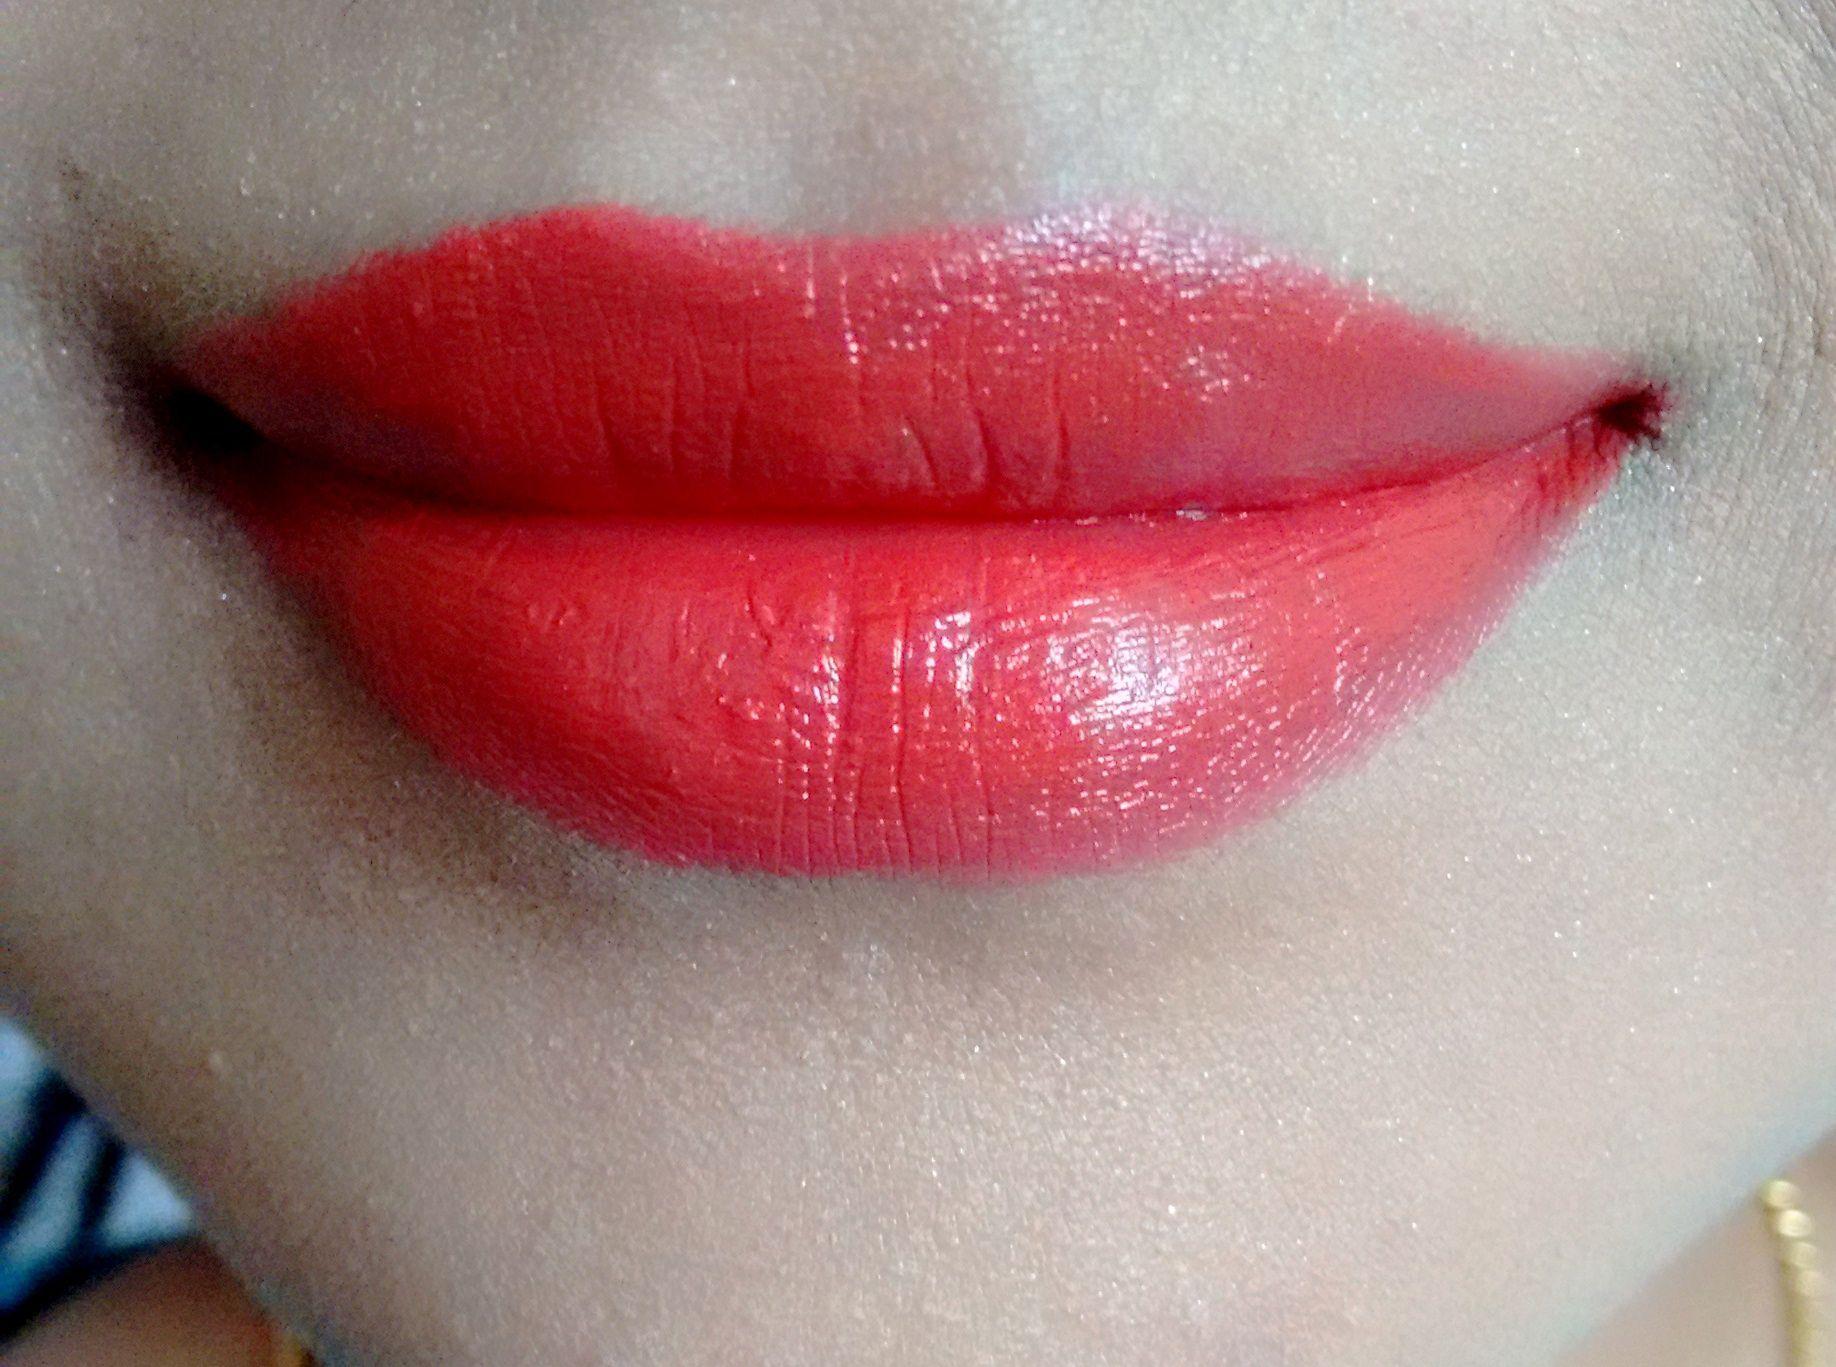 Nykaa Cosmetics Lipstick Buy So Matte Naughty Jill Beauty Lip 03 Cocoa Tina